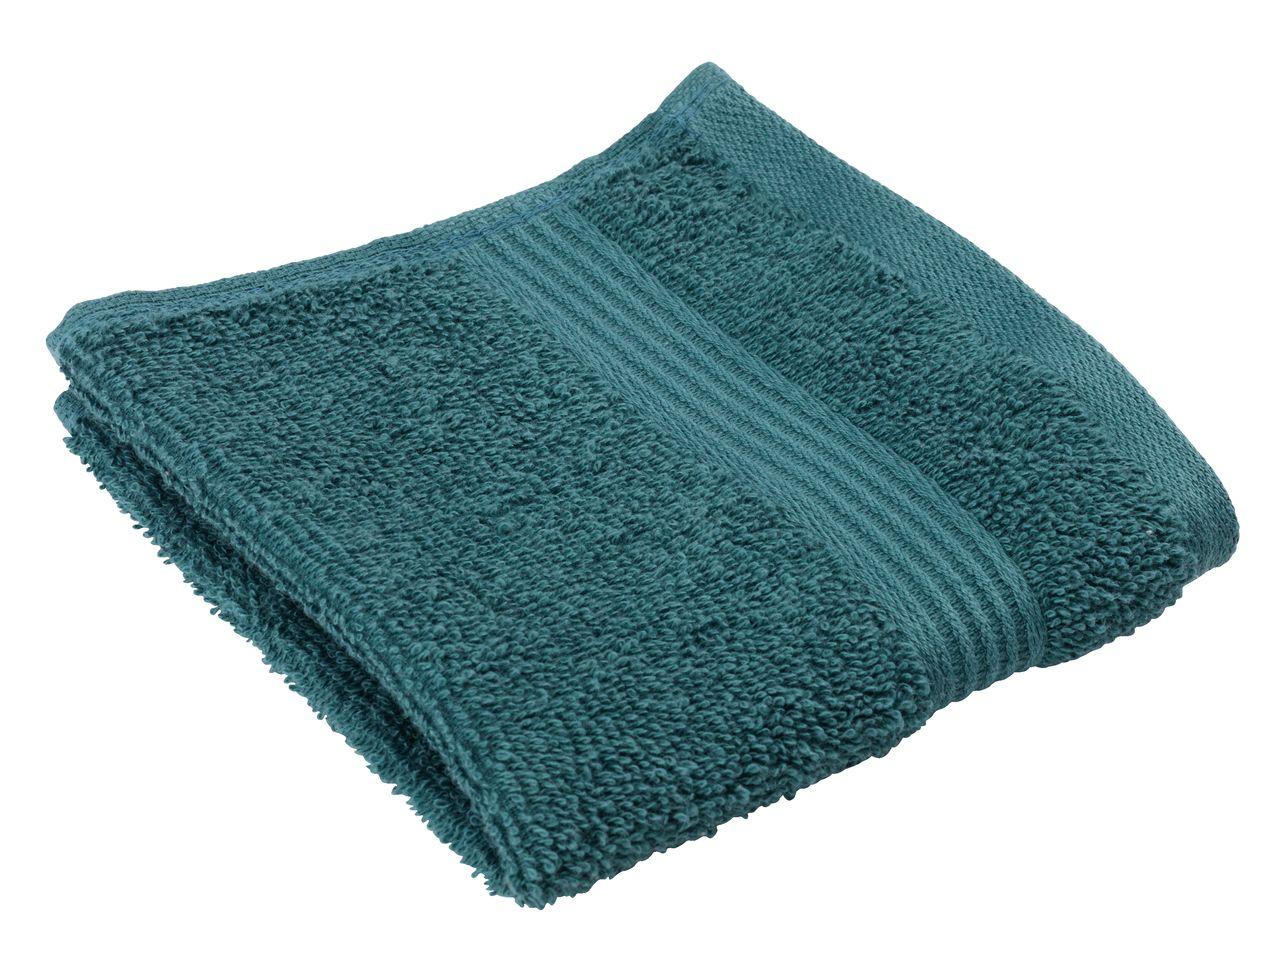 Face cloth KARLSTAD dark green KRONBORG